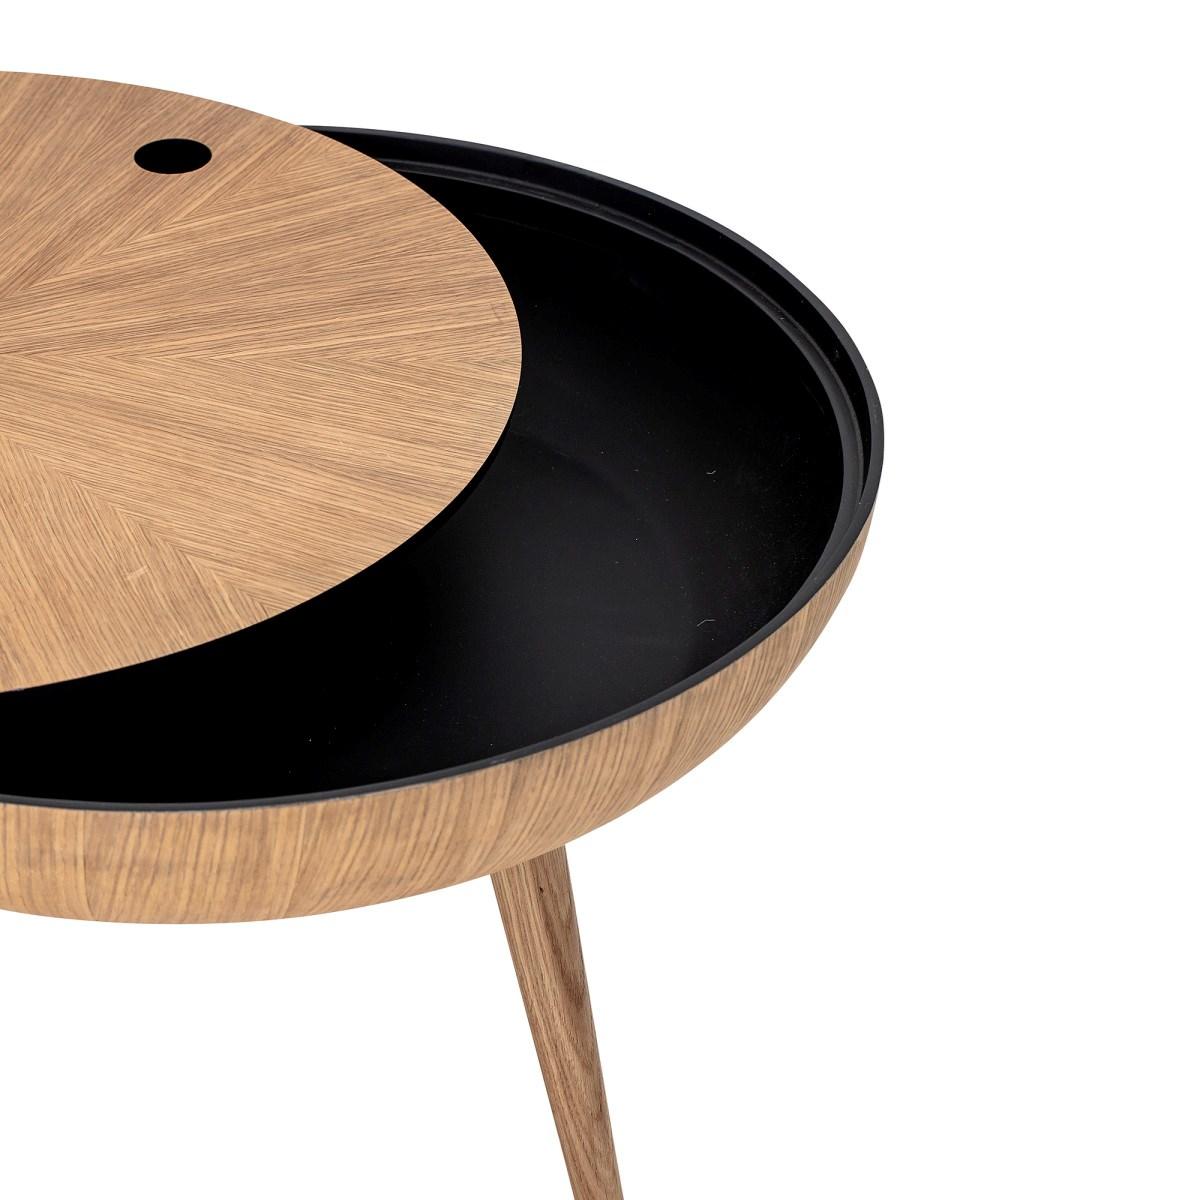 Konferenční stolek s úlož. prostorem Ronda dubový_4